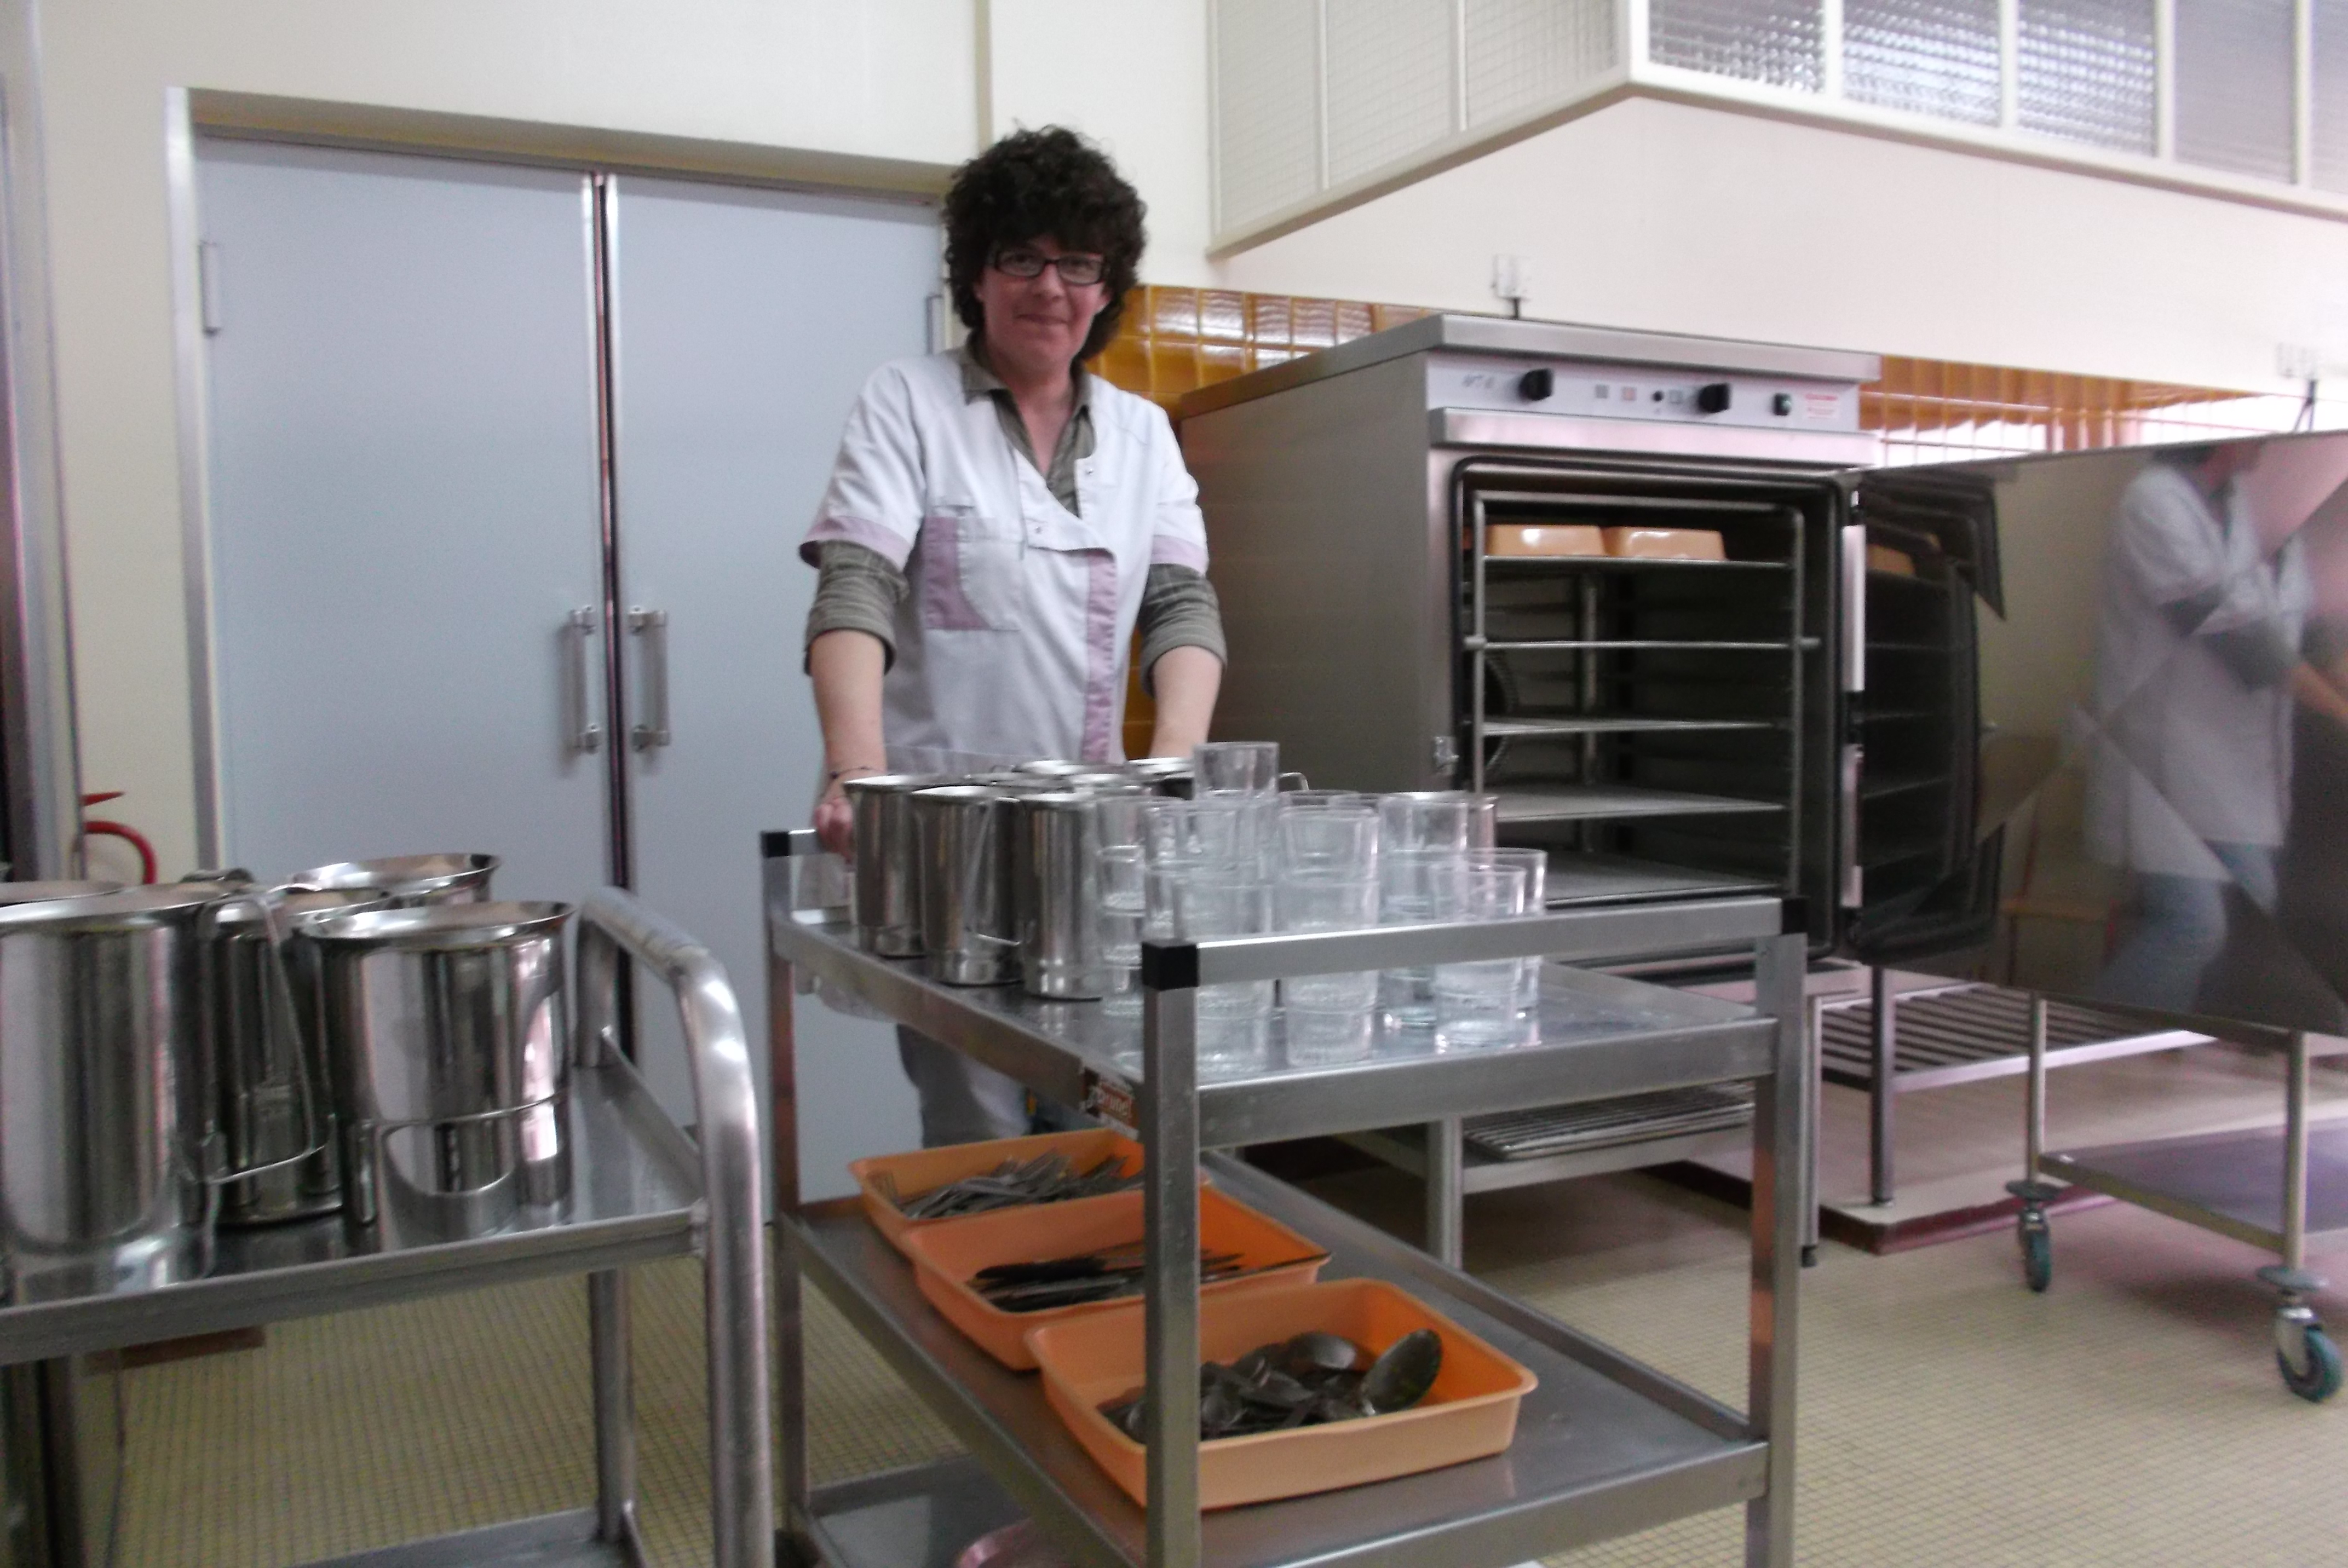 Ecole de corbeilles en g tinais la cantine - Cours de cuisine orleans ...